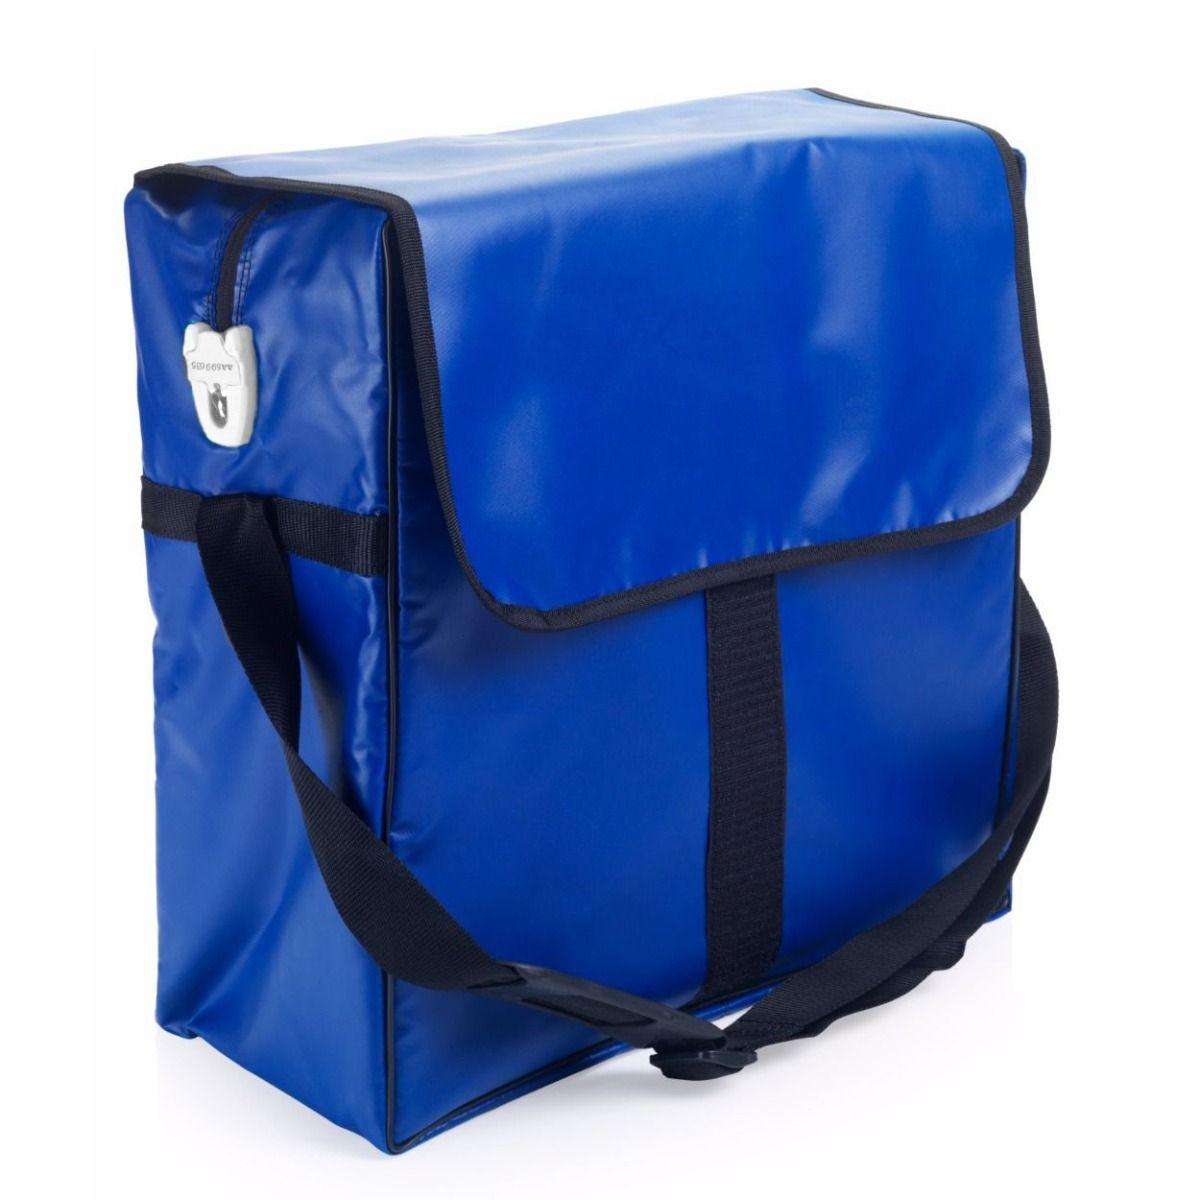 Secure Courier / Messenger Shoulder Carrier